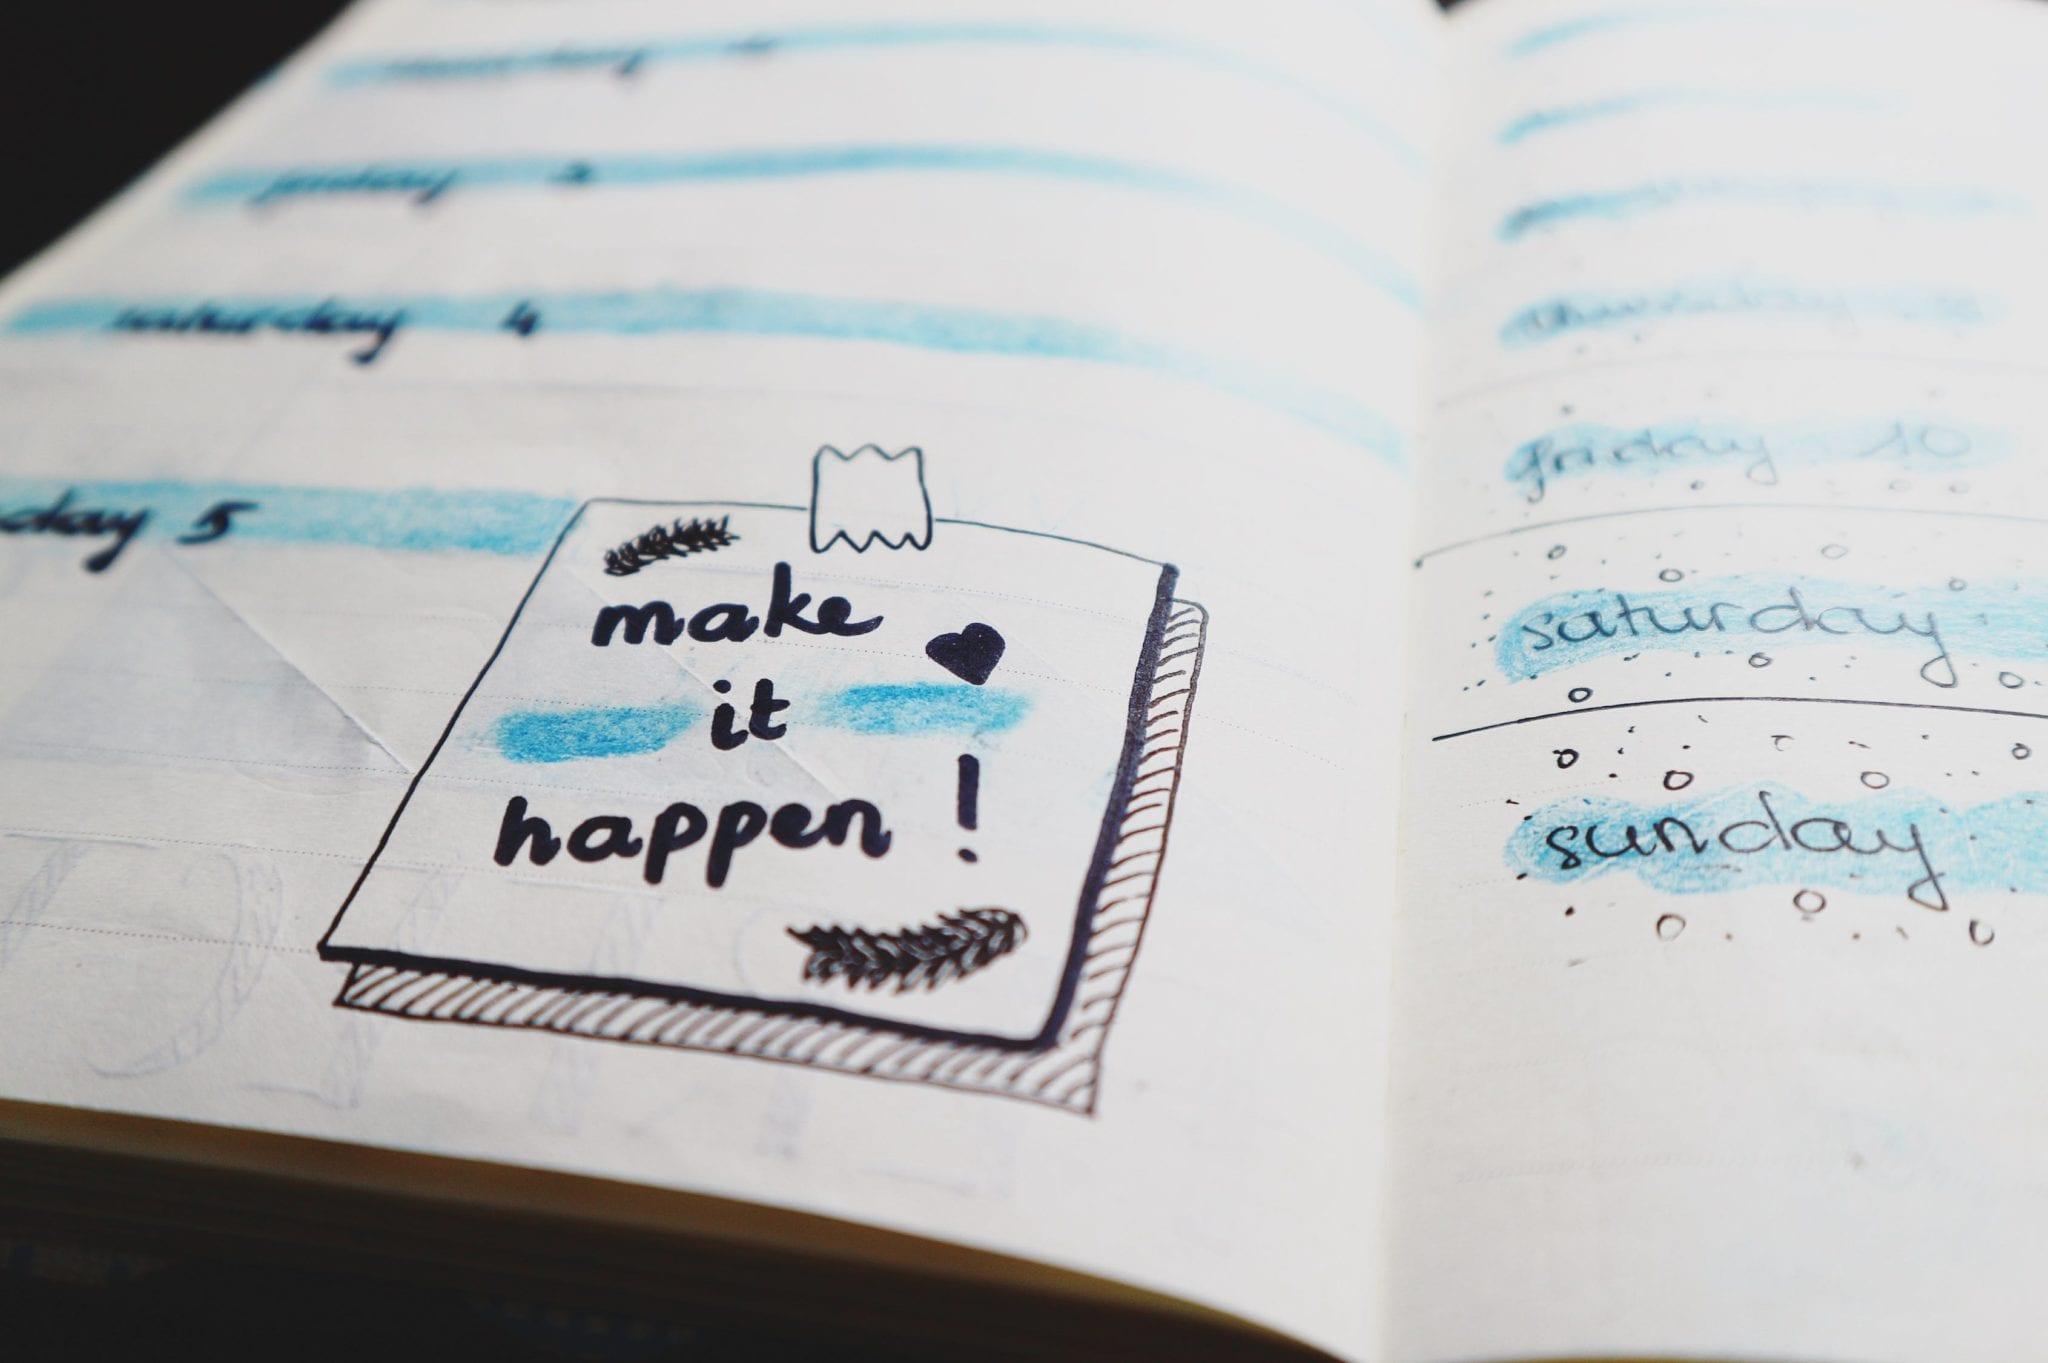 Een resultaatgericht plan maken voor jouw herstart